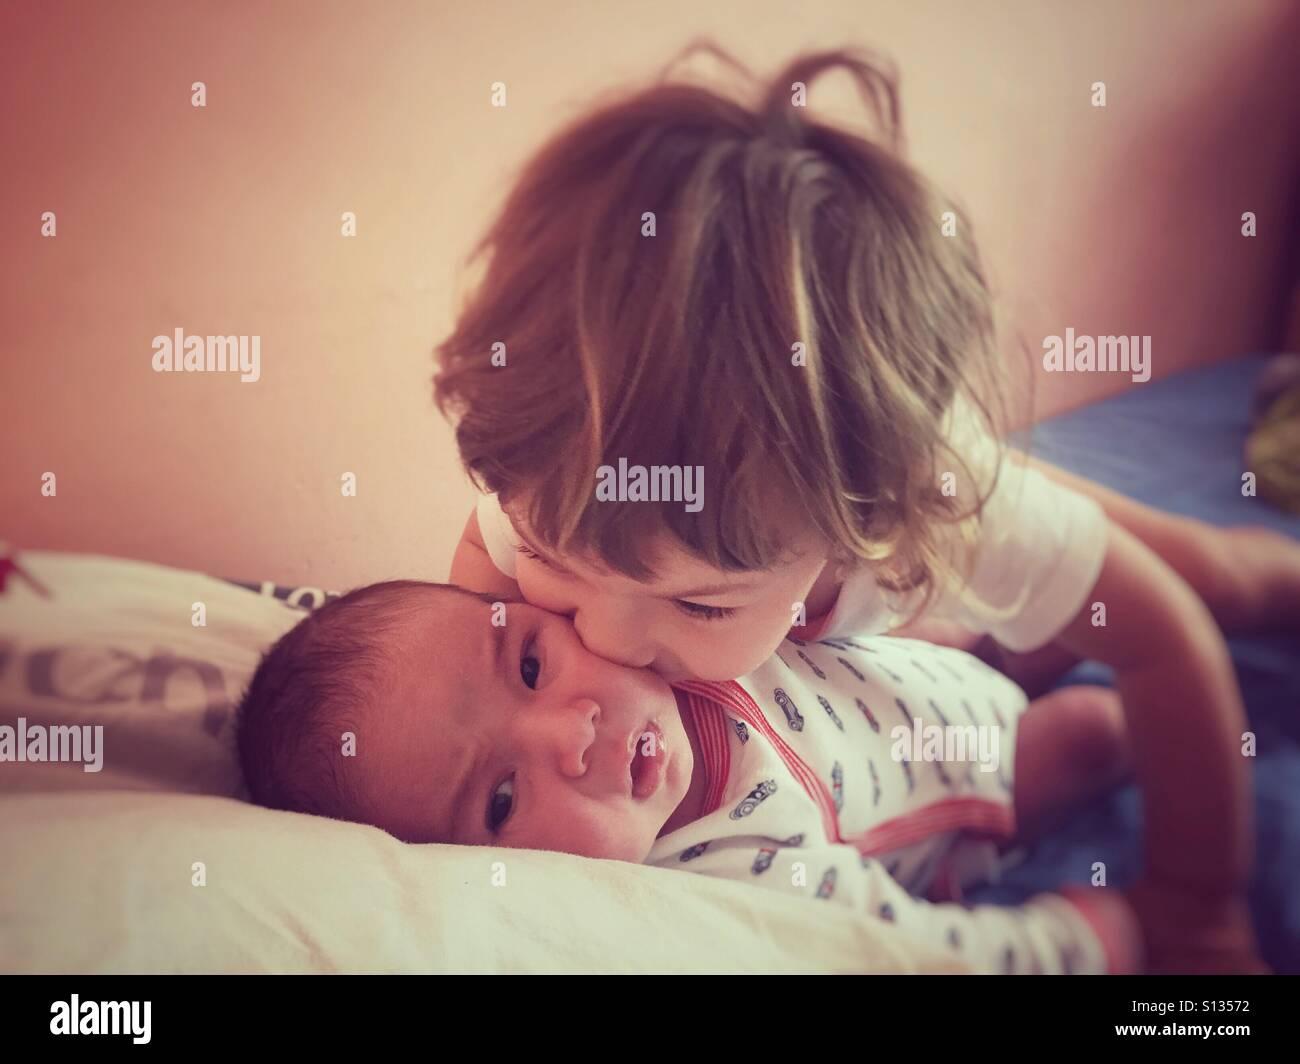 Suor baciare il fratello Foto Stock